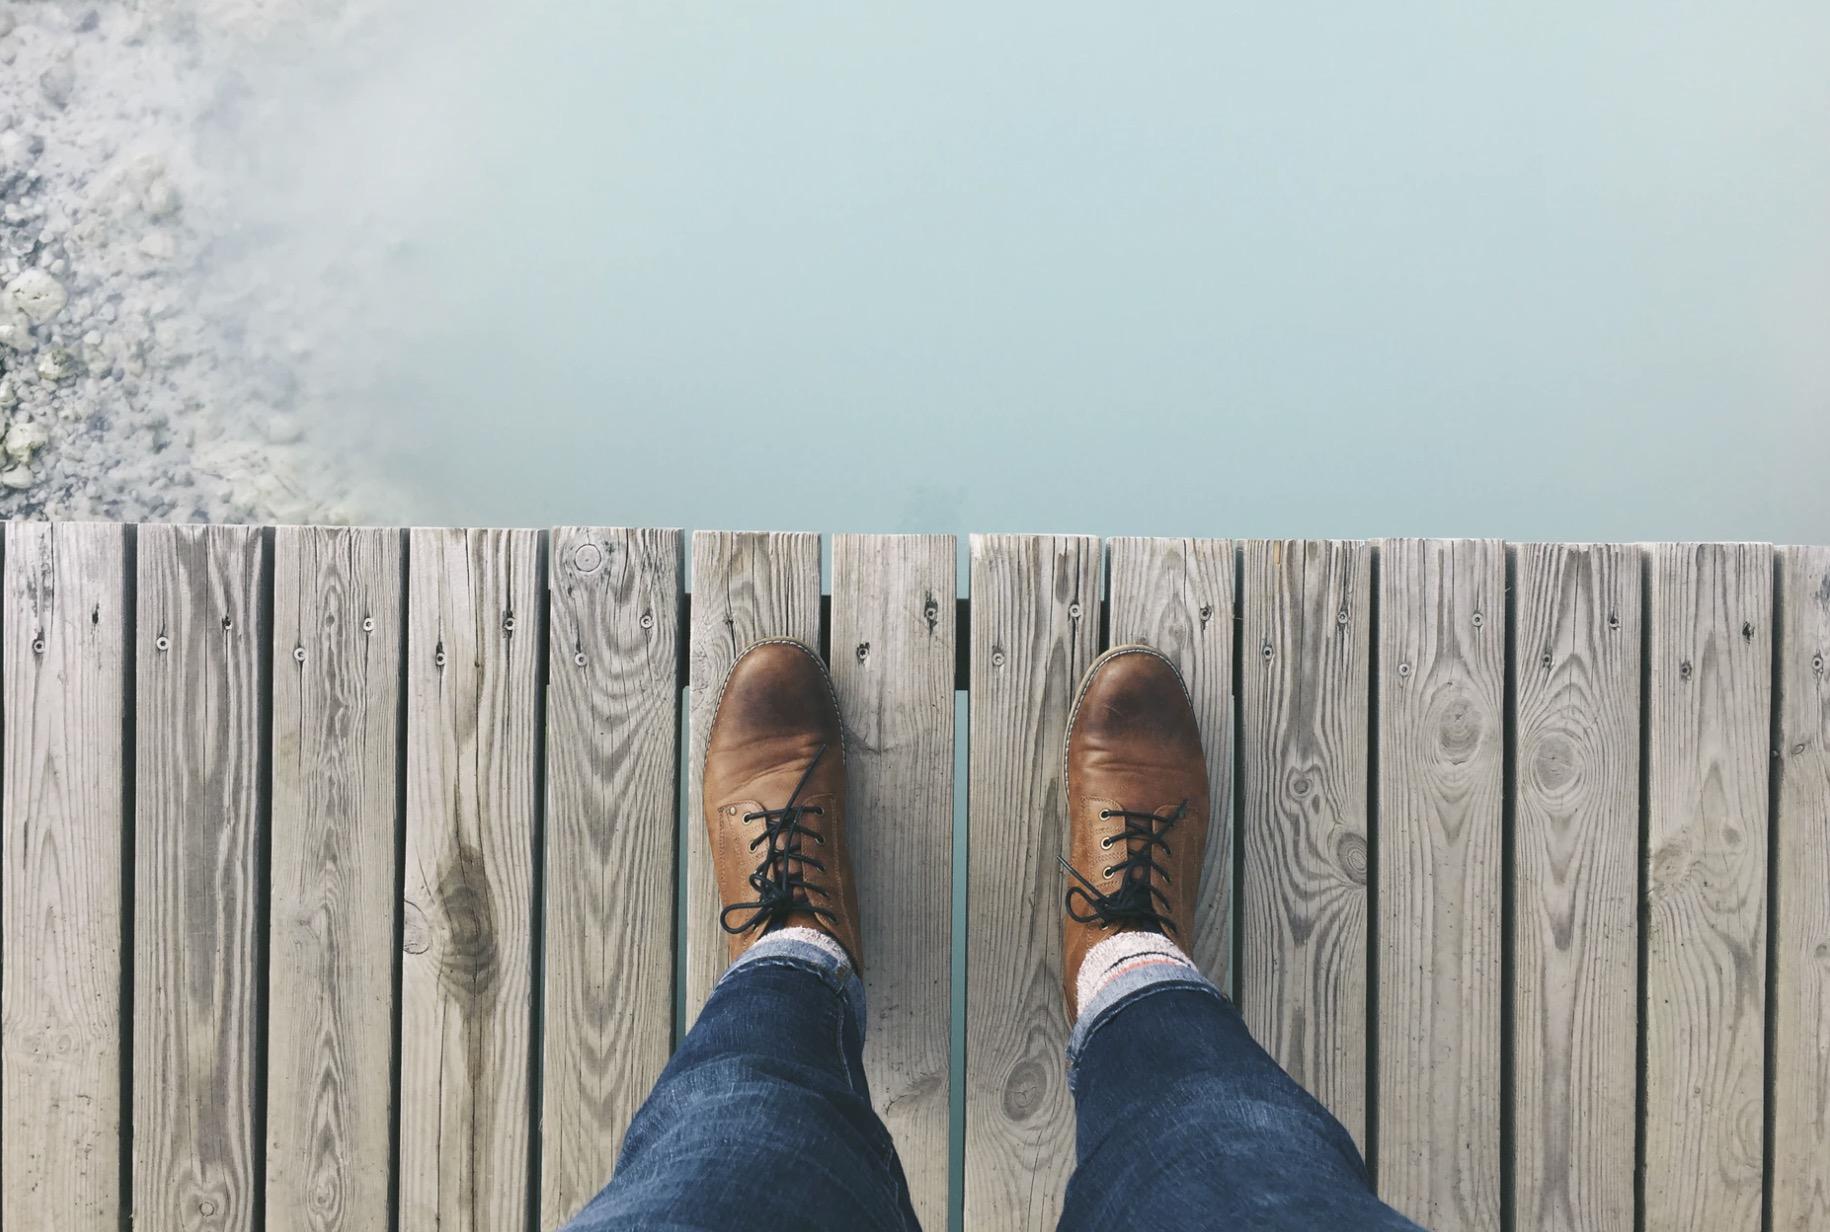 【メンズ版】ミニマリストが持つべき靴とは?おすすめの9足を紹介